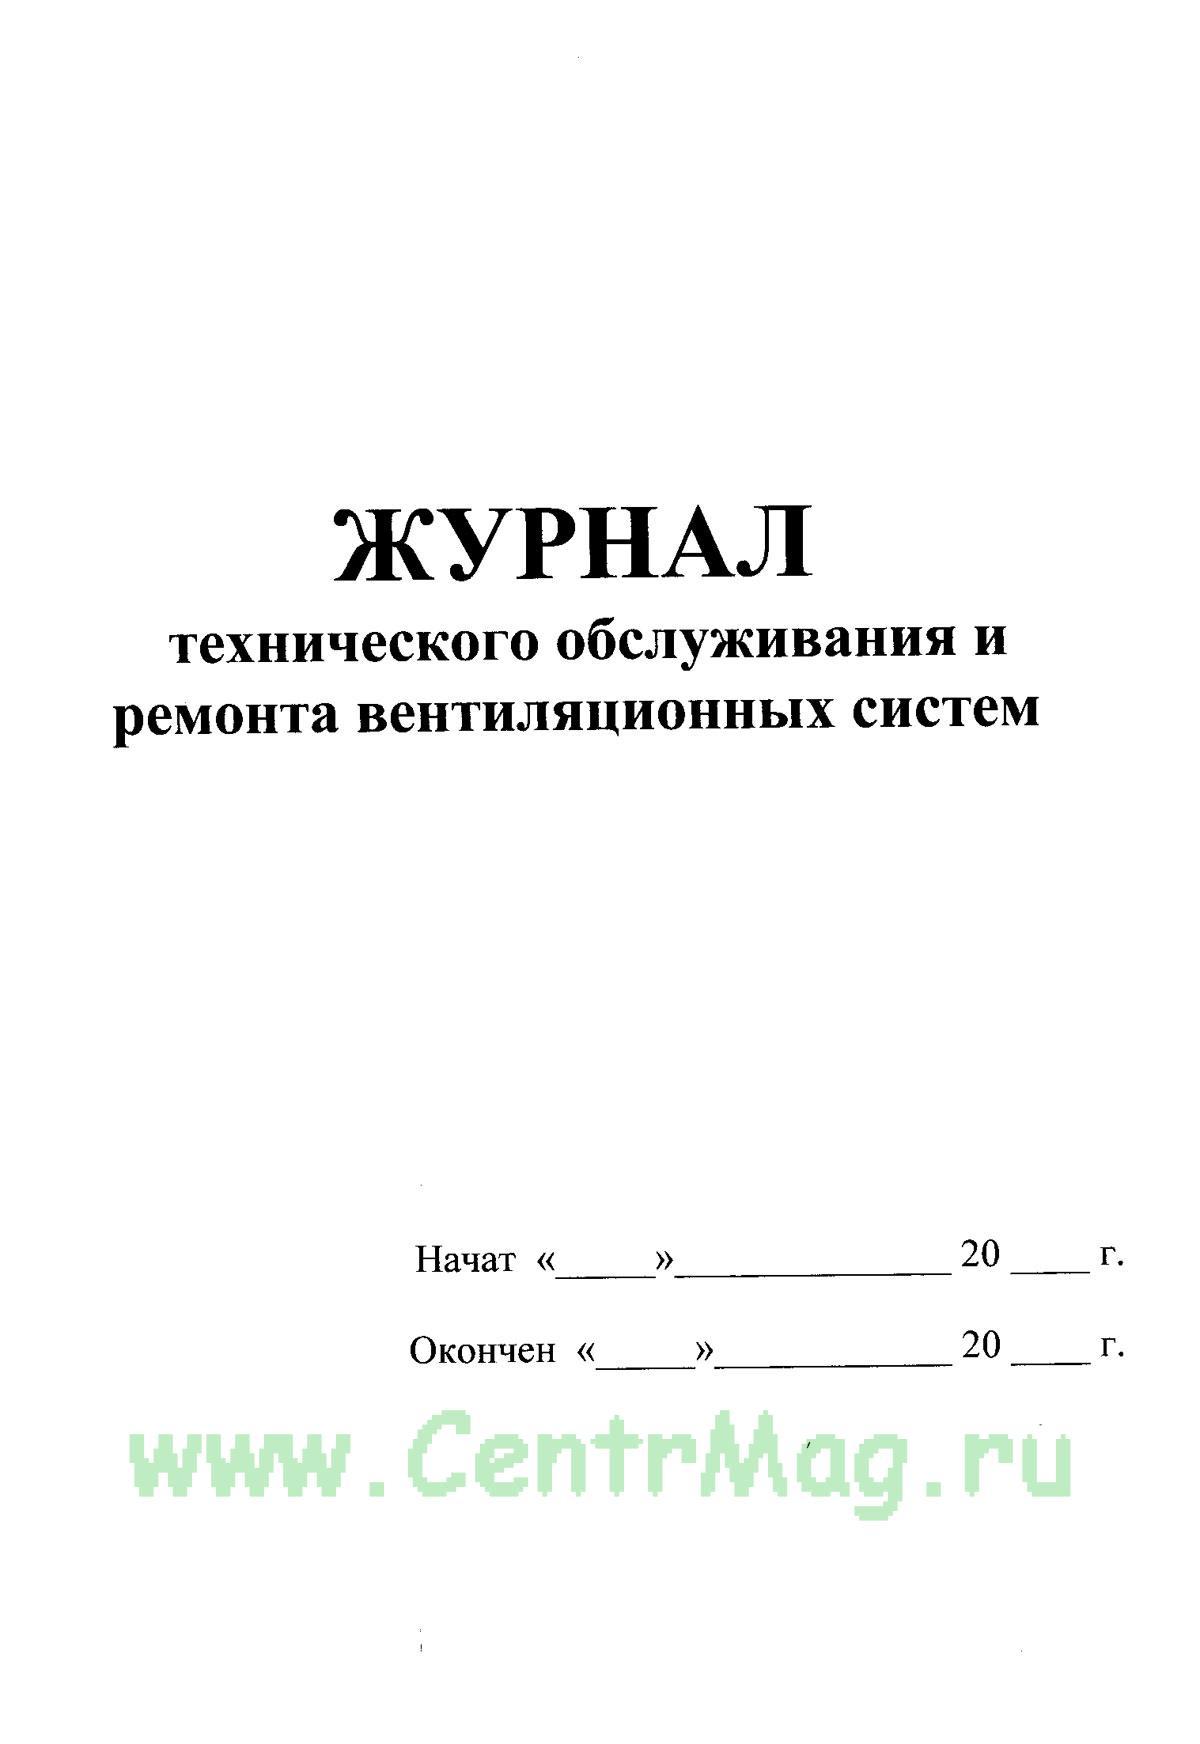 Журнал проведения технического обслуживания кондиционеров астрахань установка кондиционеров